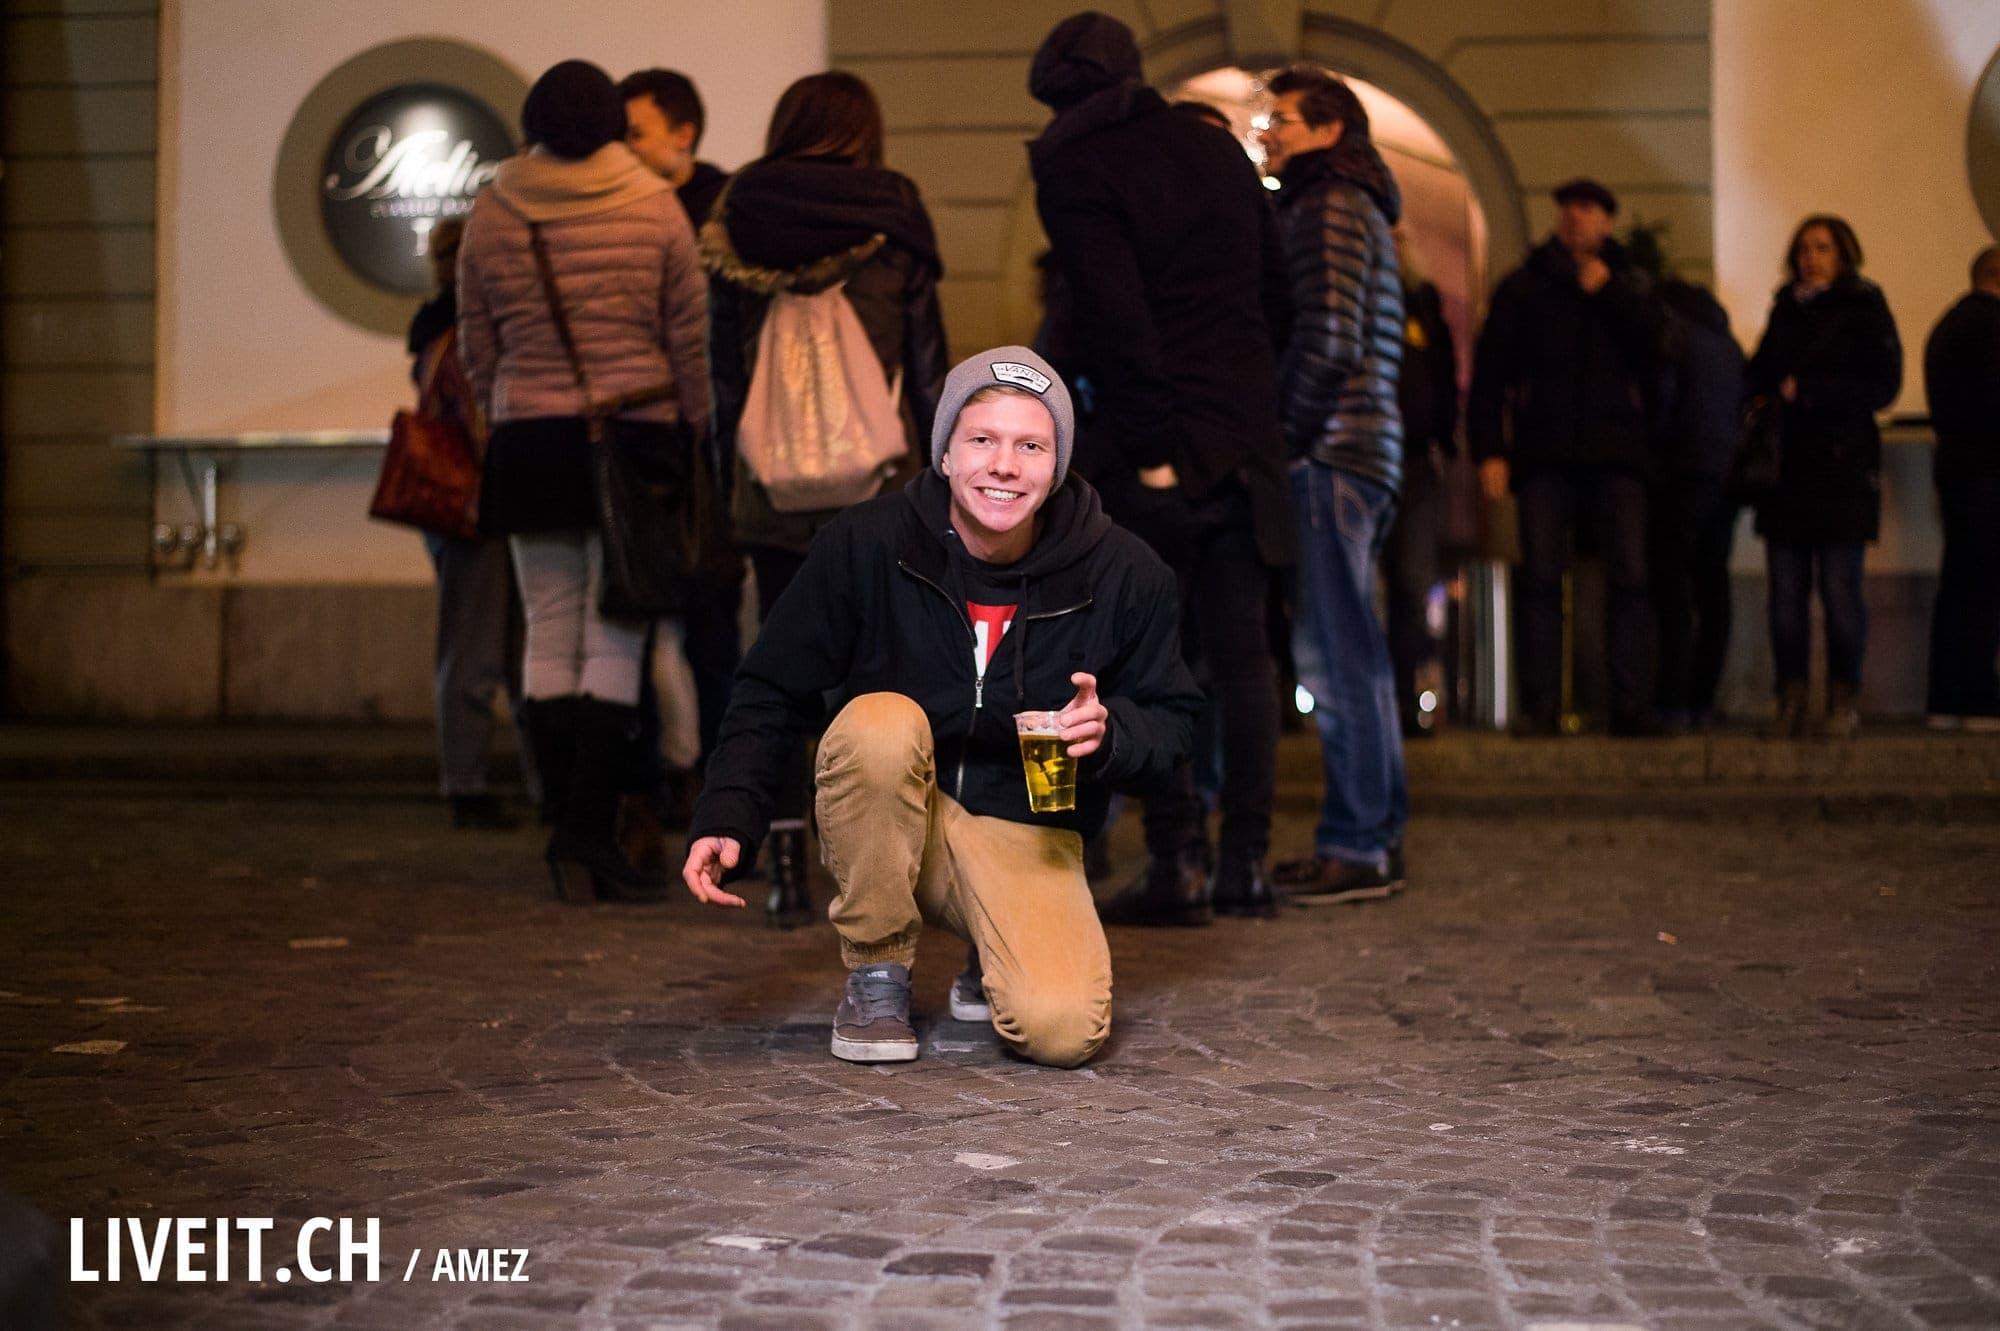 Bild: Pascale Amez/liveit.ch